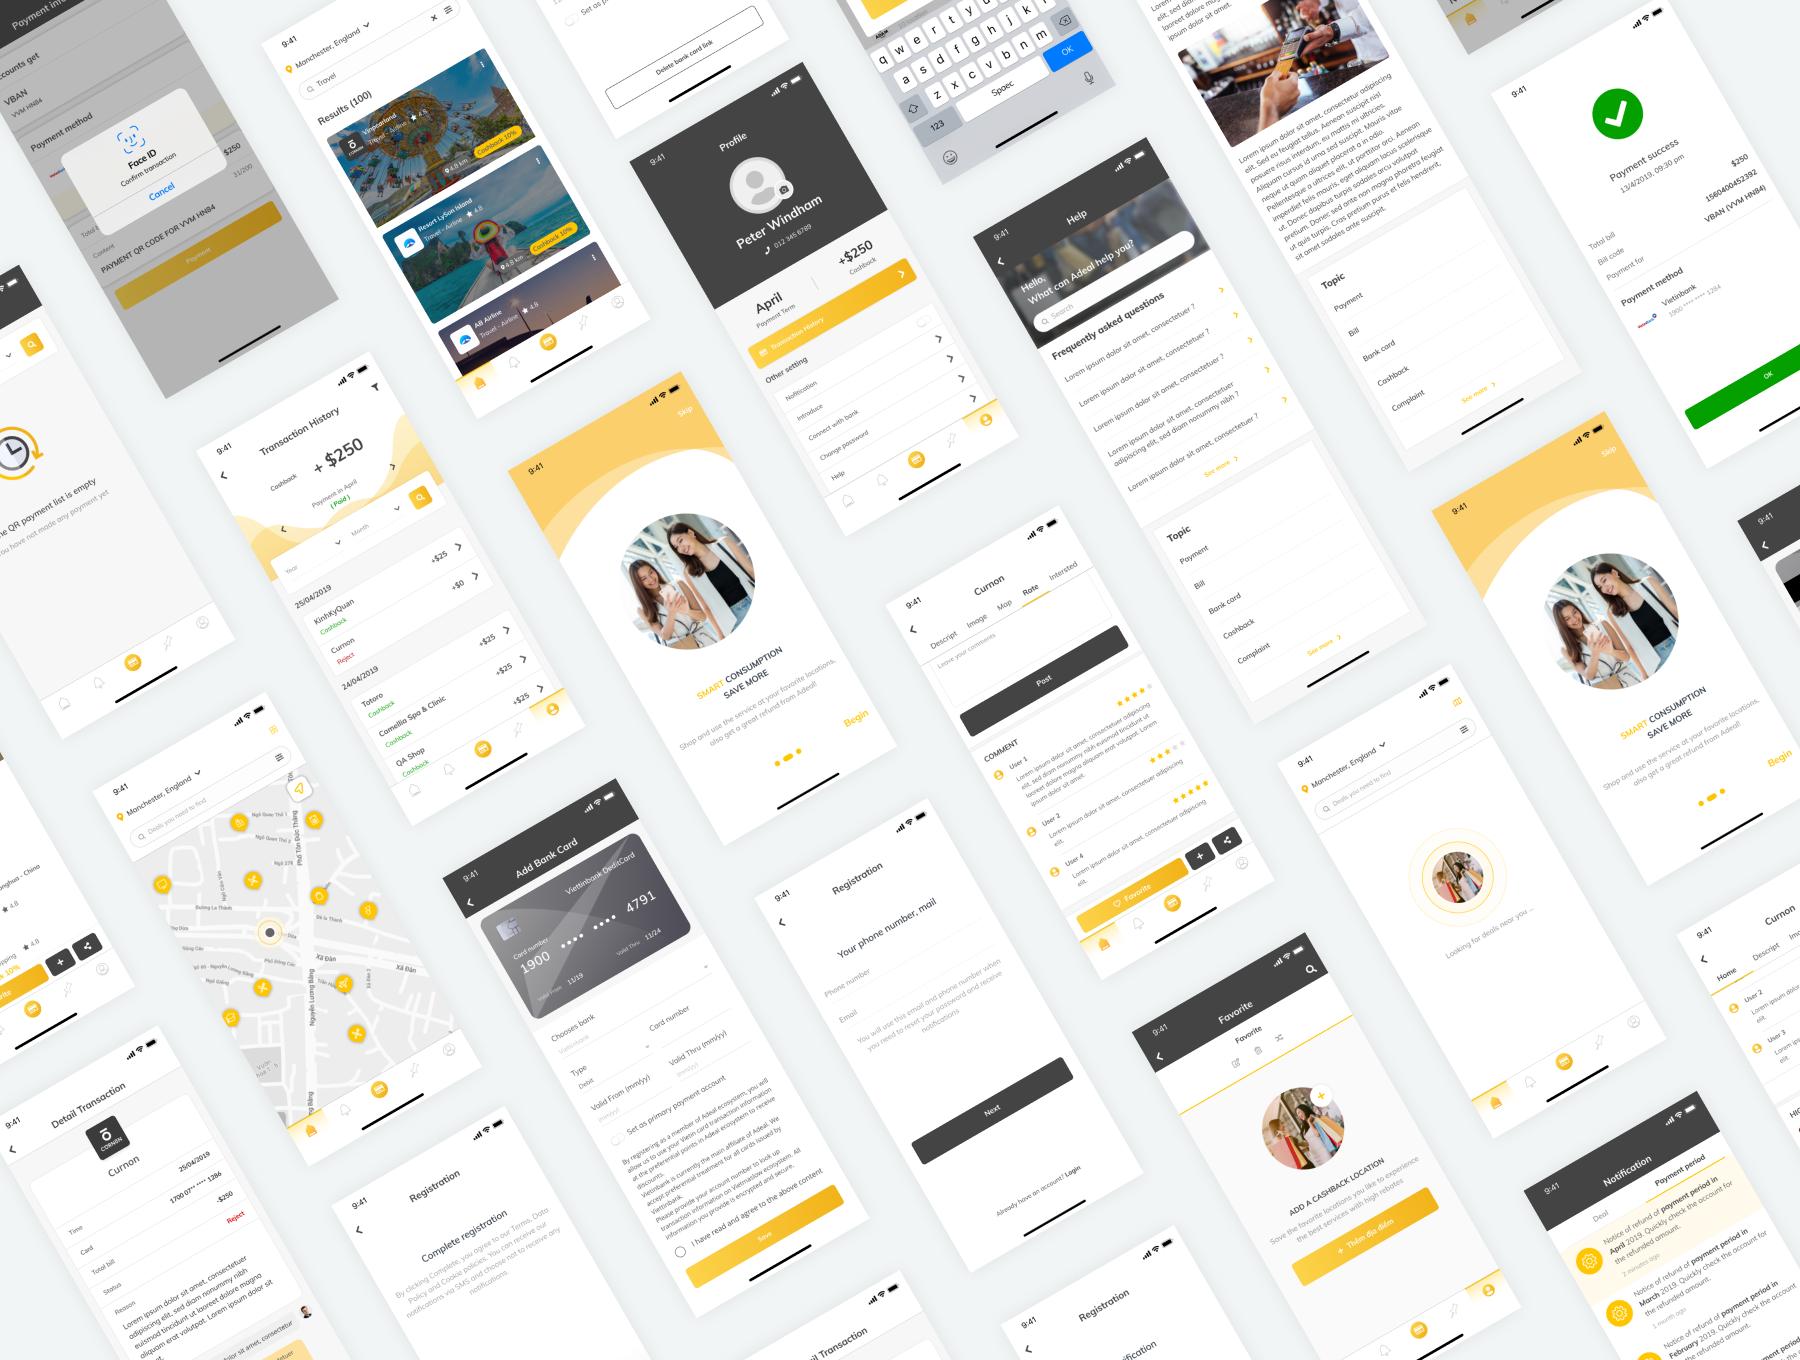 电商APP UI kit套装下载 iOS Ui app设计 app界面设计[Fig] Adeal - Deal Location Ecommerce UI Kits